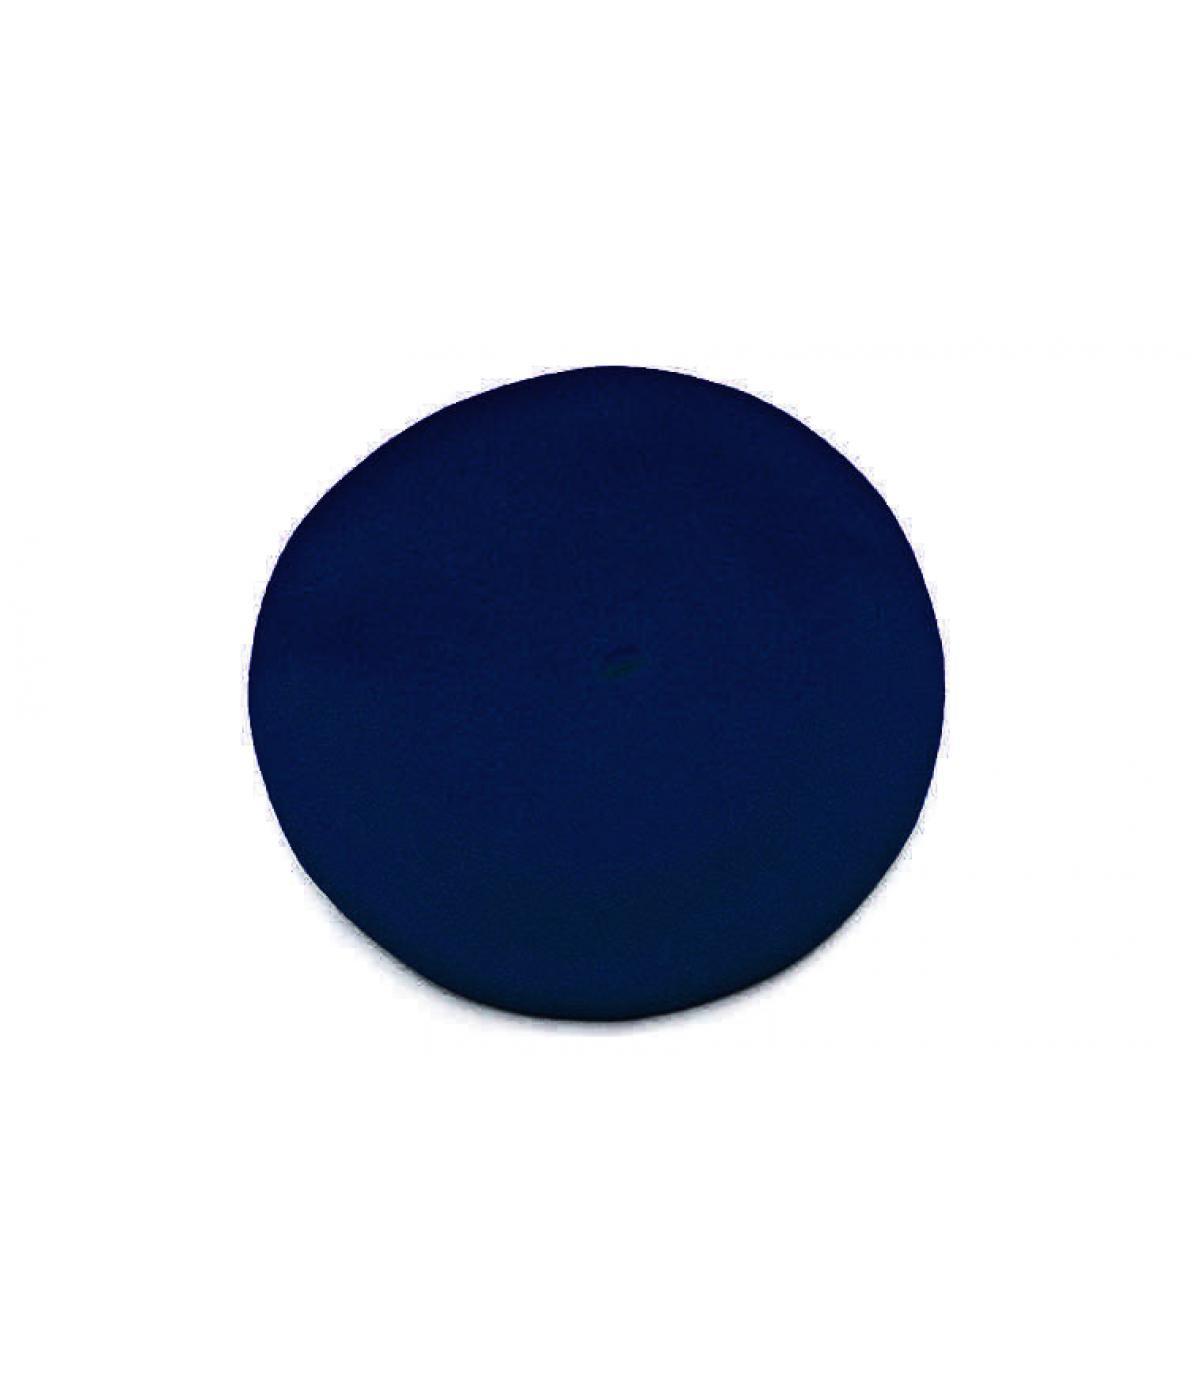 Détails L'Authentique bleu roy - image 2